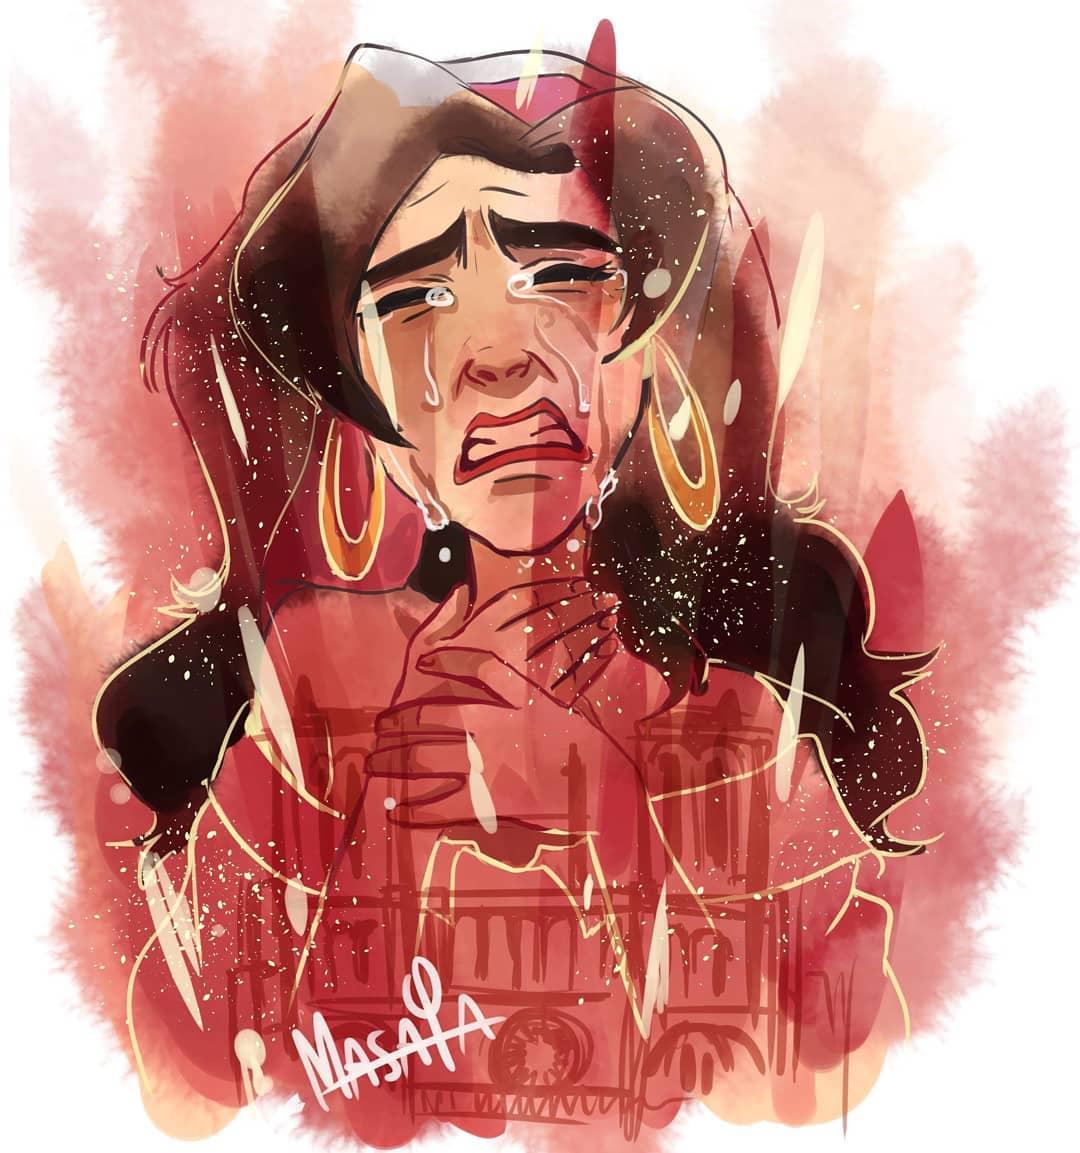 Hommage à Notre Dame de Paris Notre-dame-illustrations-hommage-incendie